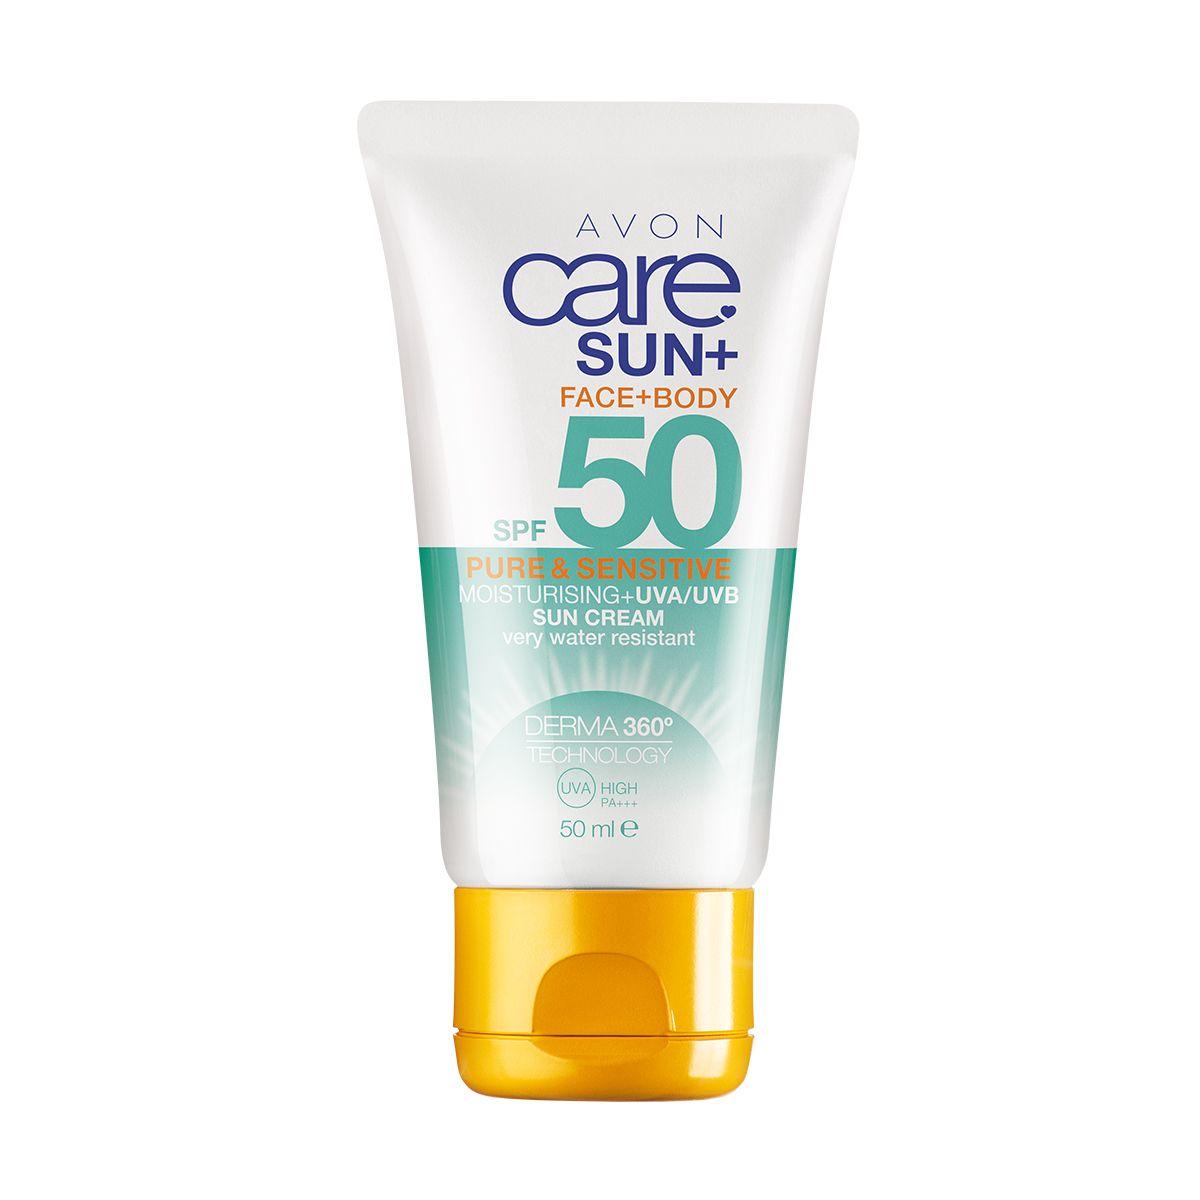 إفون كير صن بيور أند سينسيتيف كريم للعناية ببشرة الوجه و الجسم واقي من الشمس. بعامل حماية من الشمس SPF50  50ml 11922